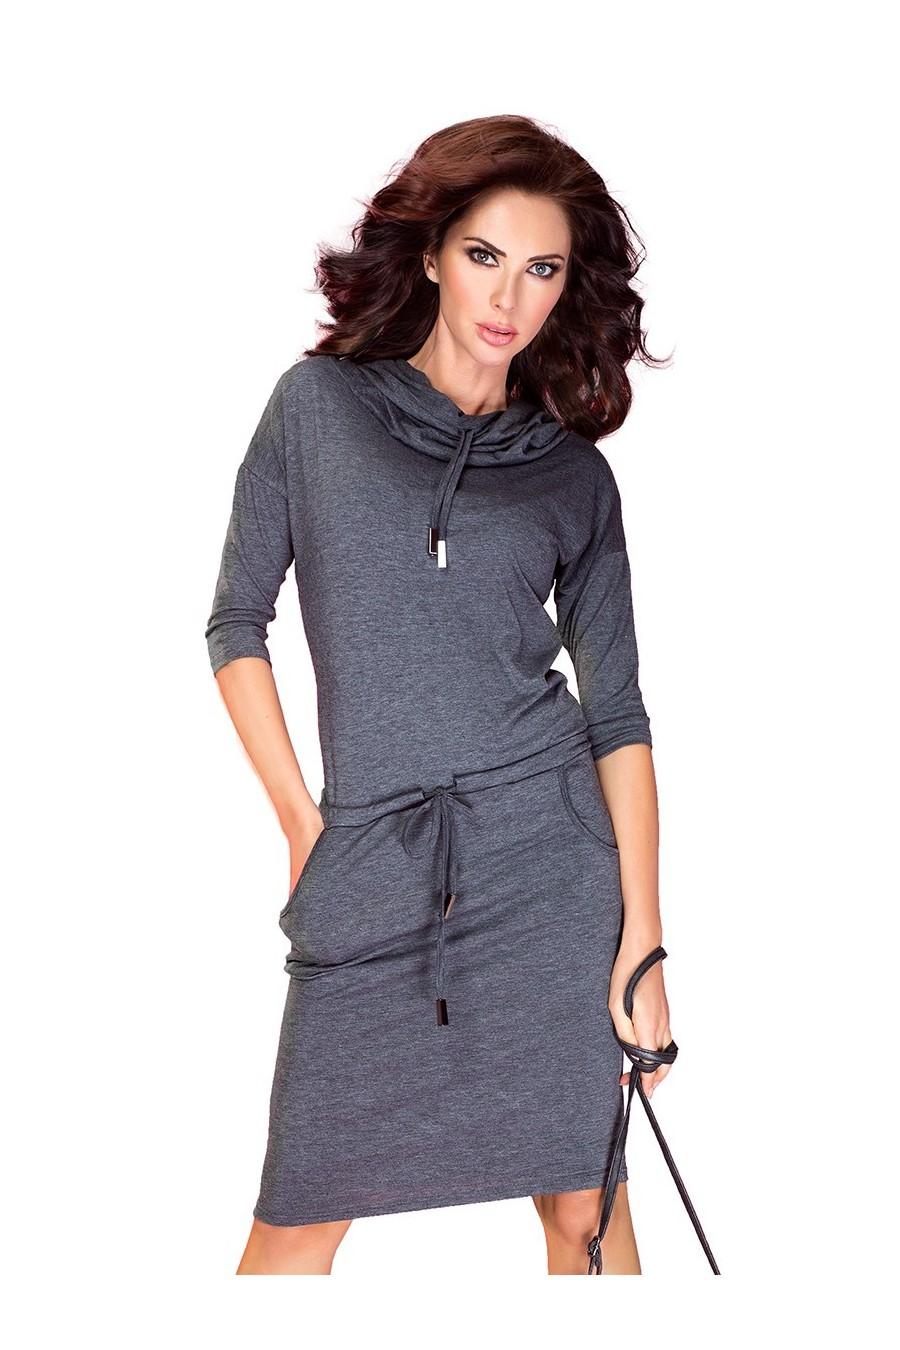 Sportovní šaty se závaznými - šedé 44-1